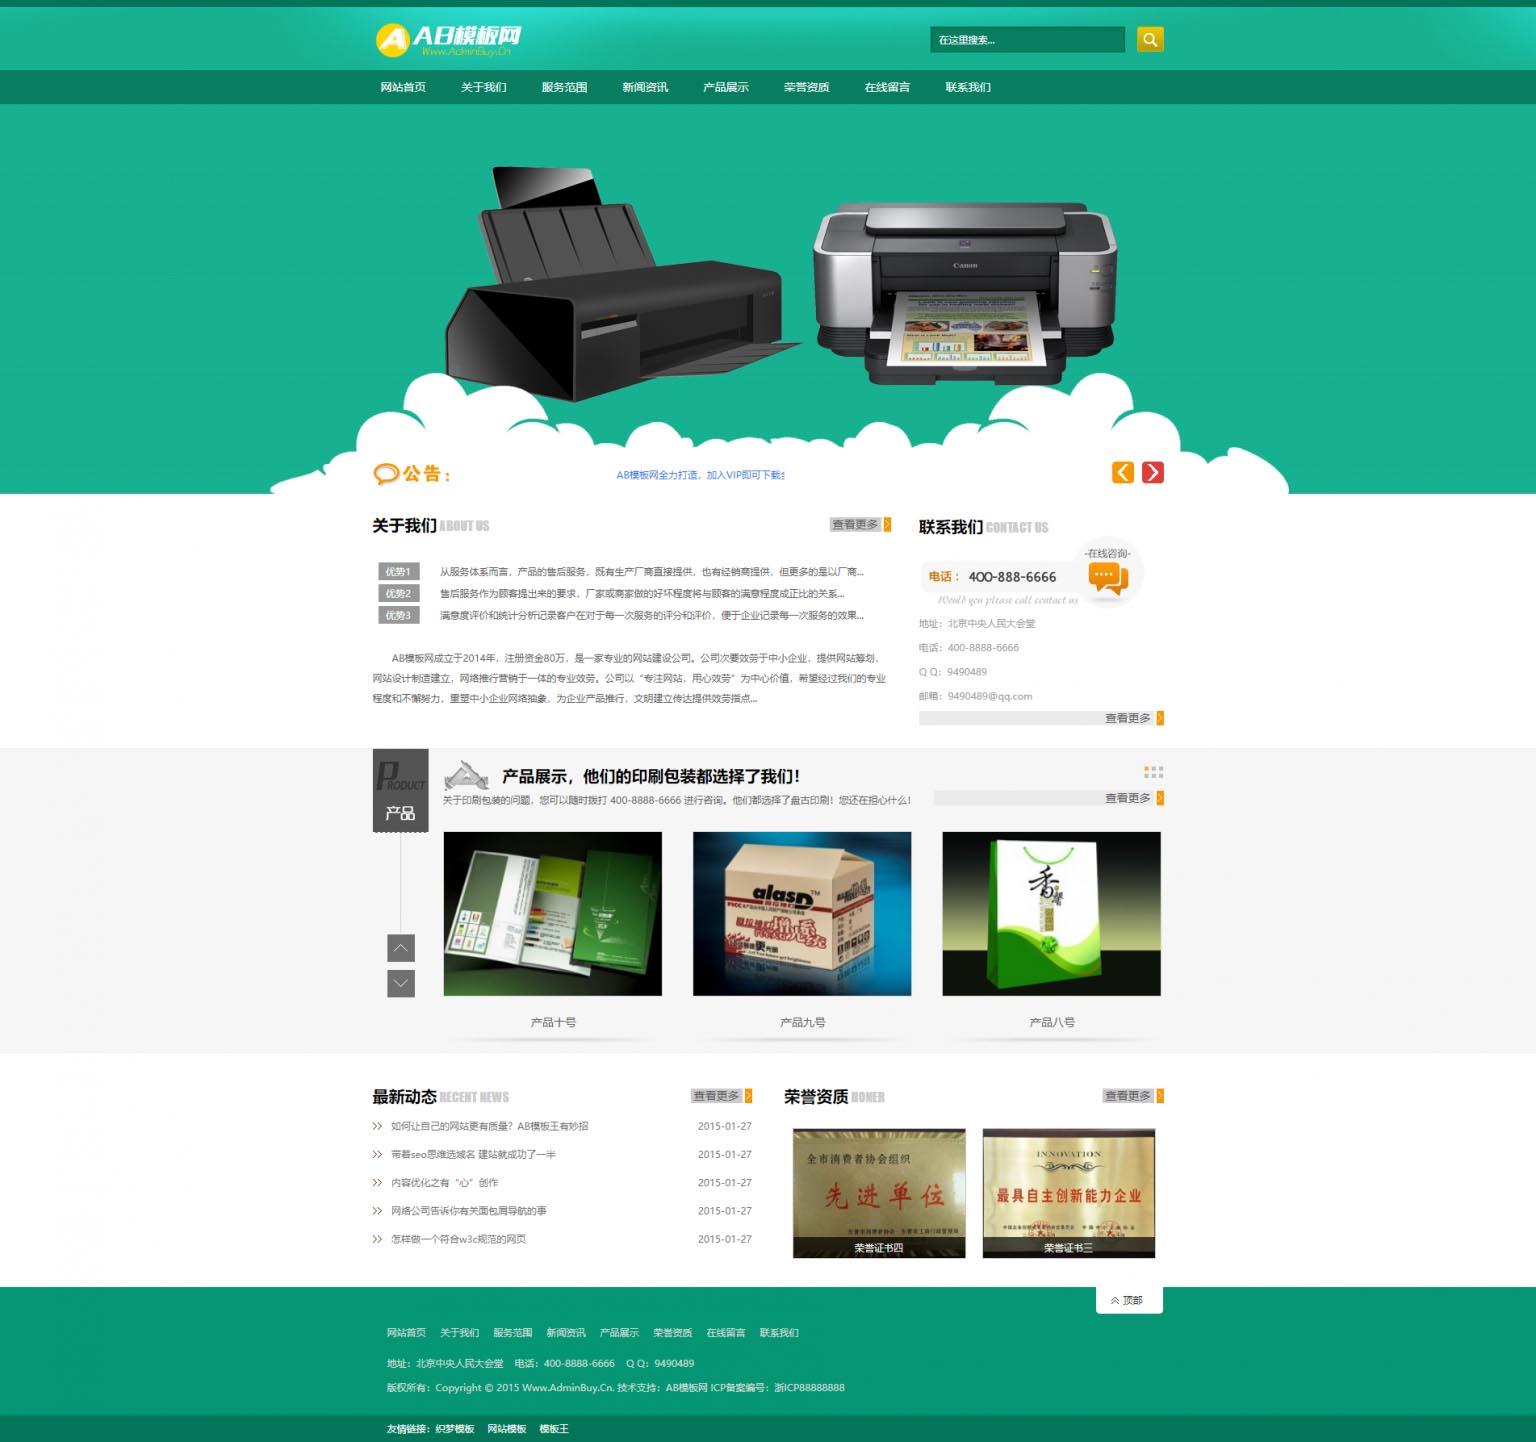 鹤云资源博客-织梦绿色印刷设备类网站织梦dede模板源码插图